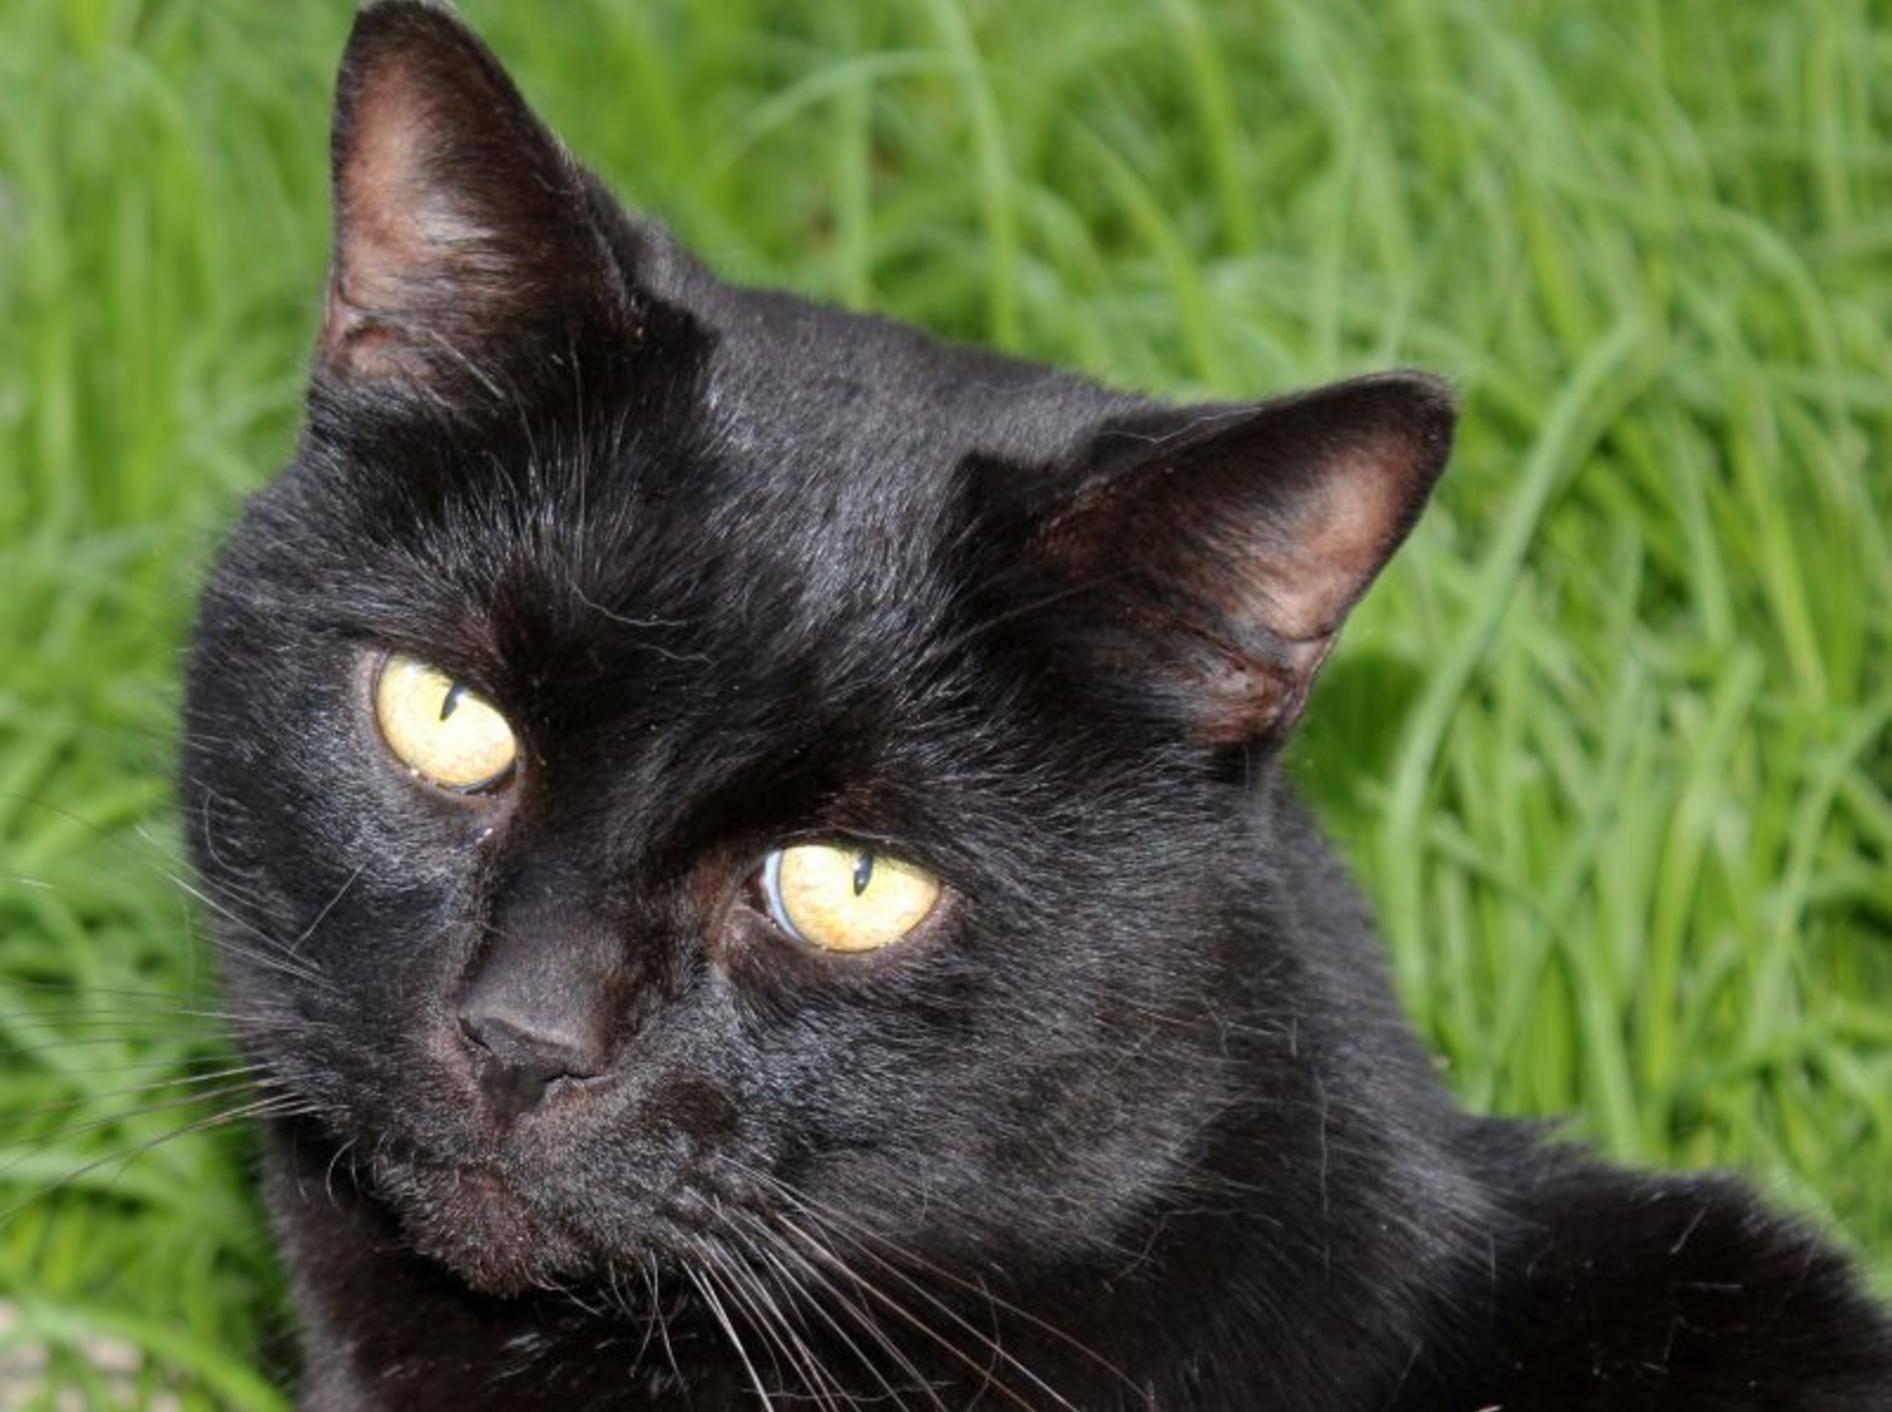 Die Bombay-Katze sieht ein wenig aus wie ein Mini-Panther – Bild: Shutterstock / alybaba